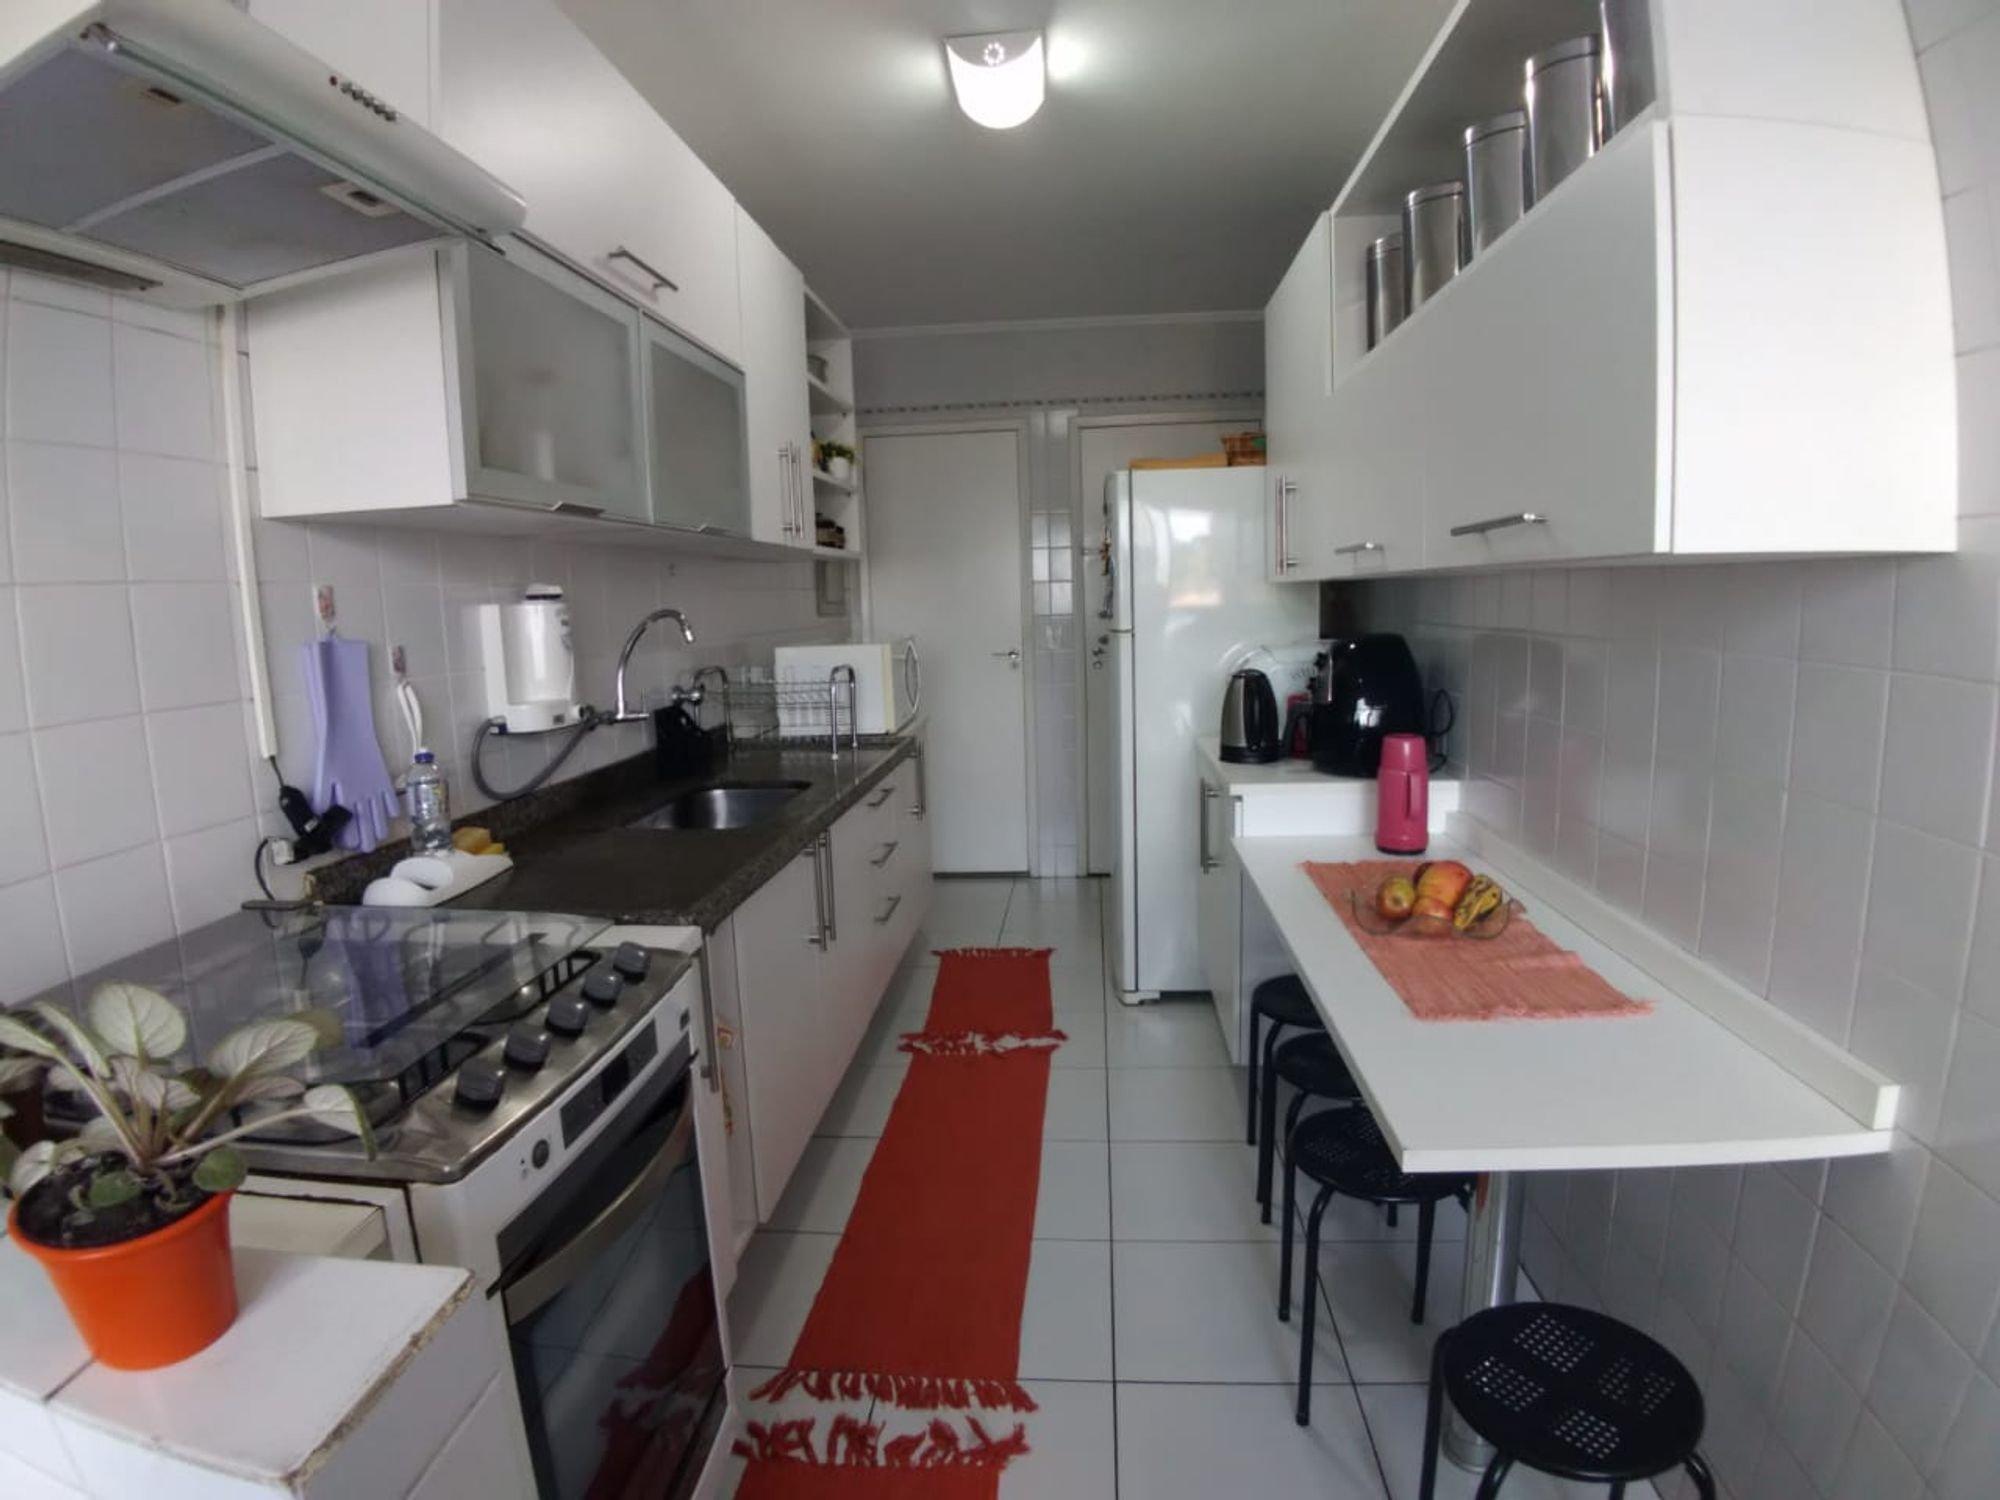 Foto de Cozinha com vaso de planta, garrafa, forno, geladeira, pia, cadeira